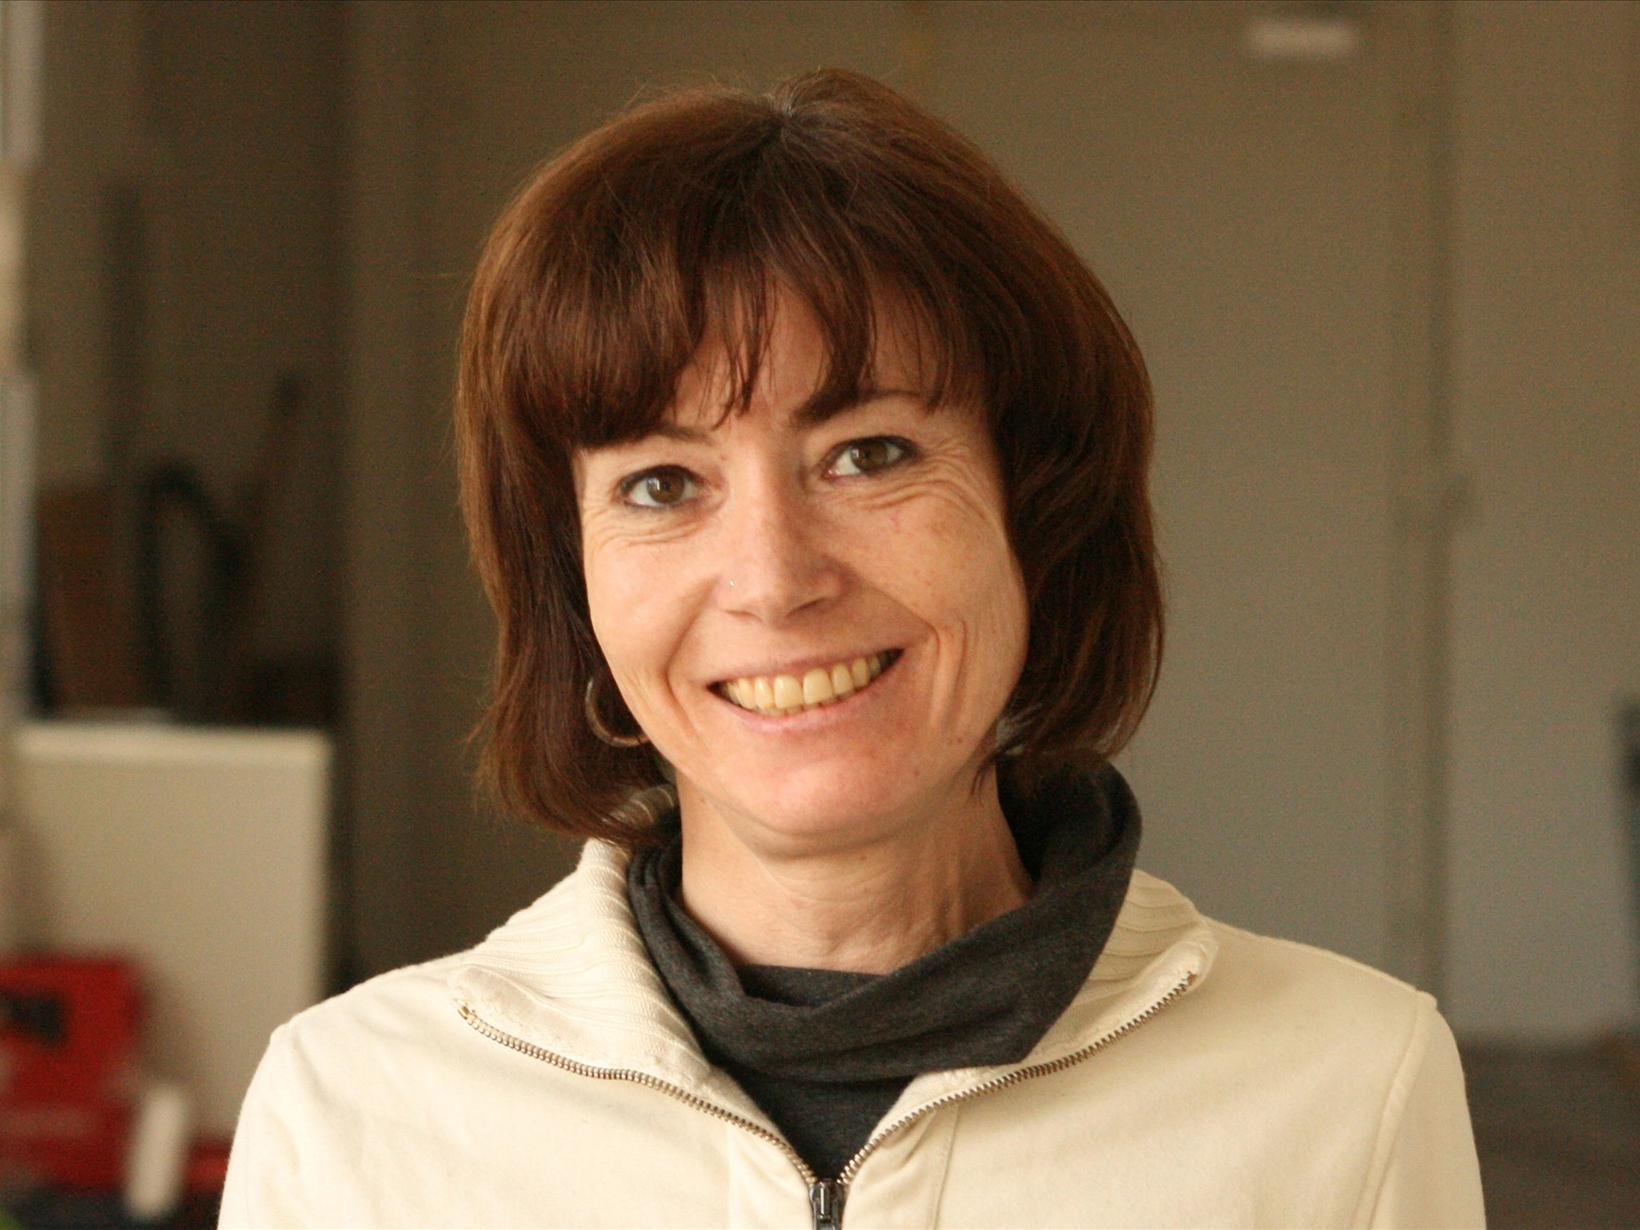 Brigitte from Sankt Gallen, Switzerland